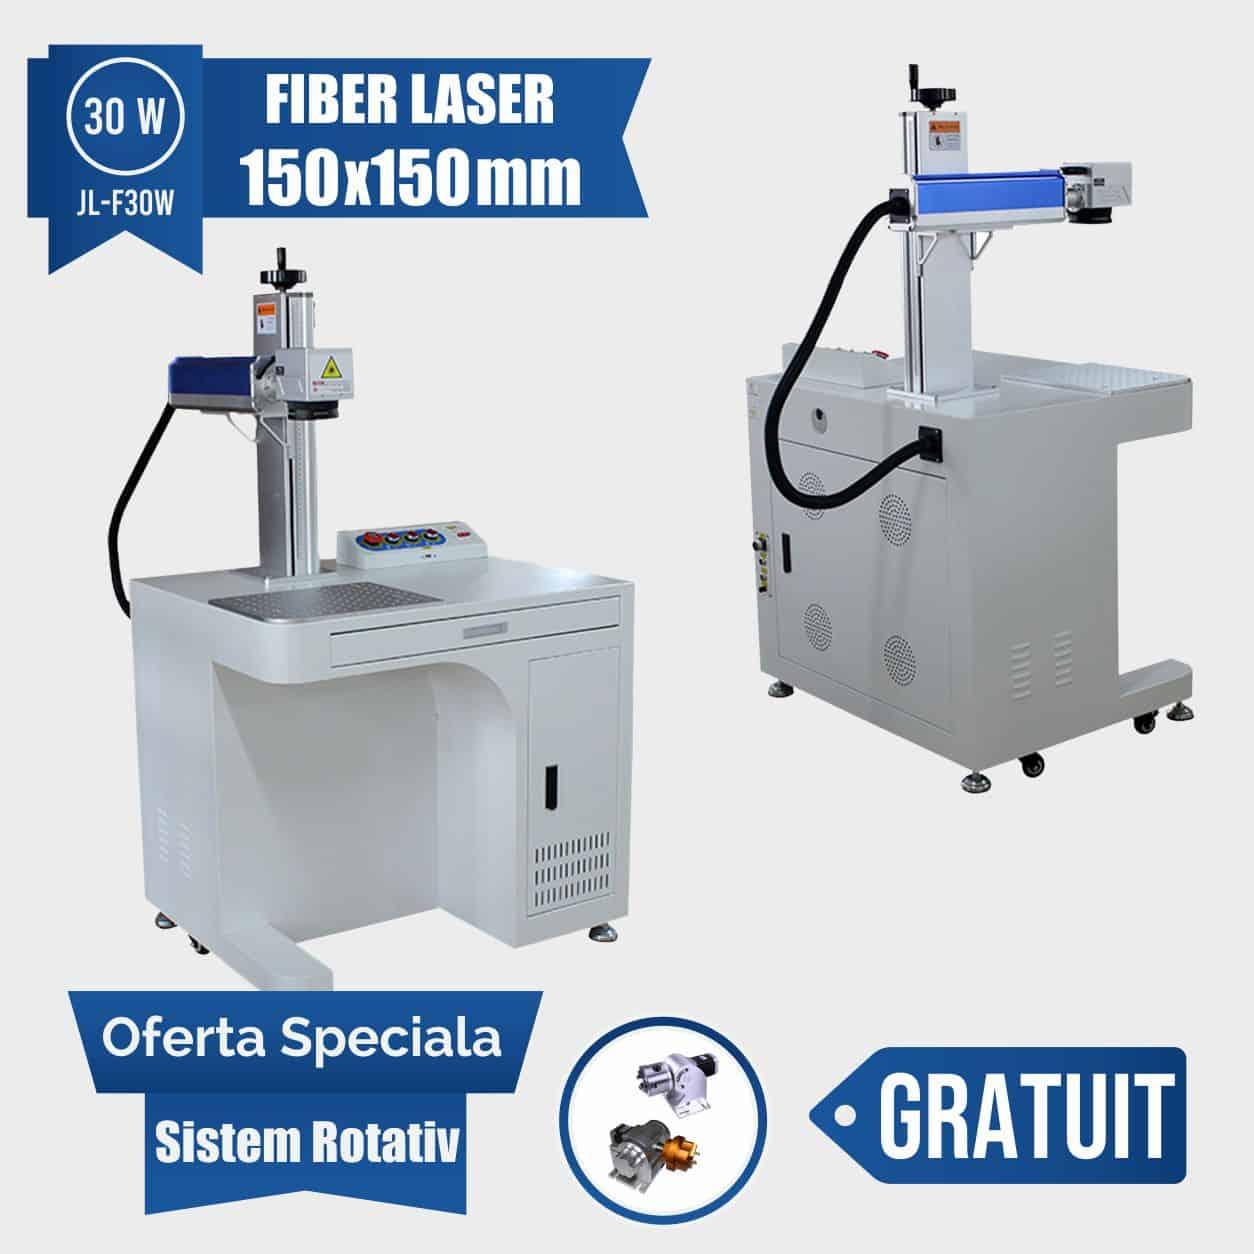 fiber laser desktop 30w